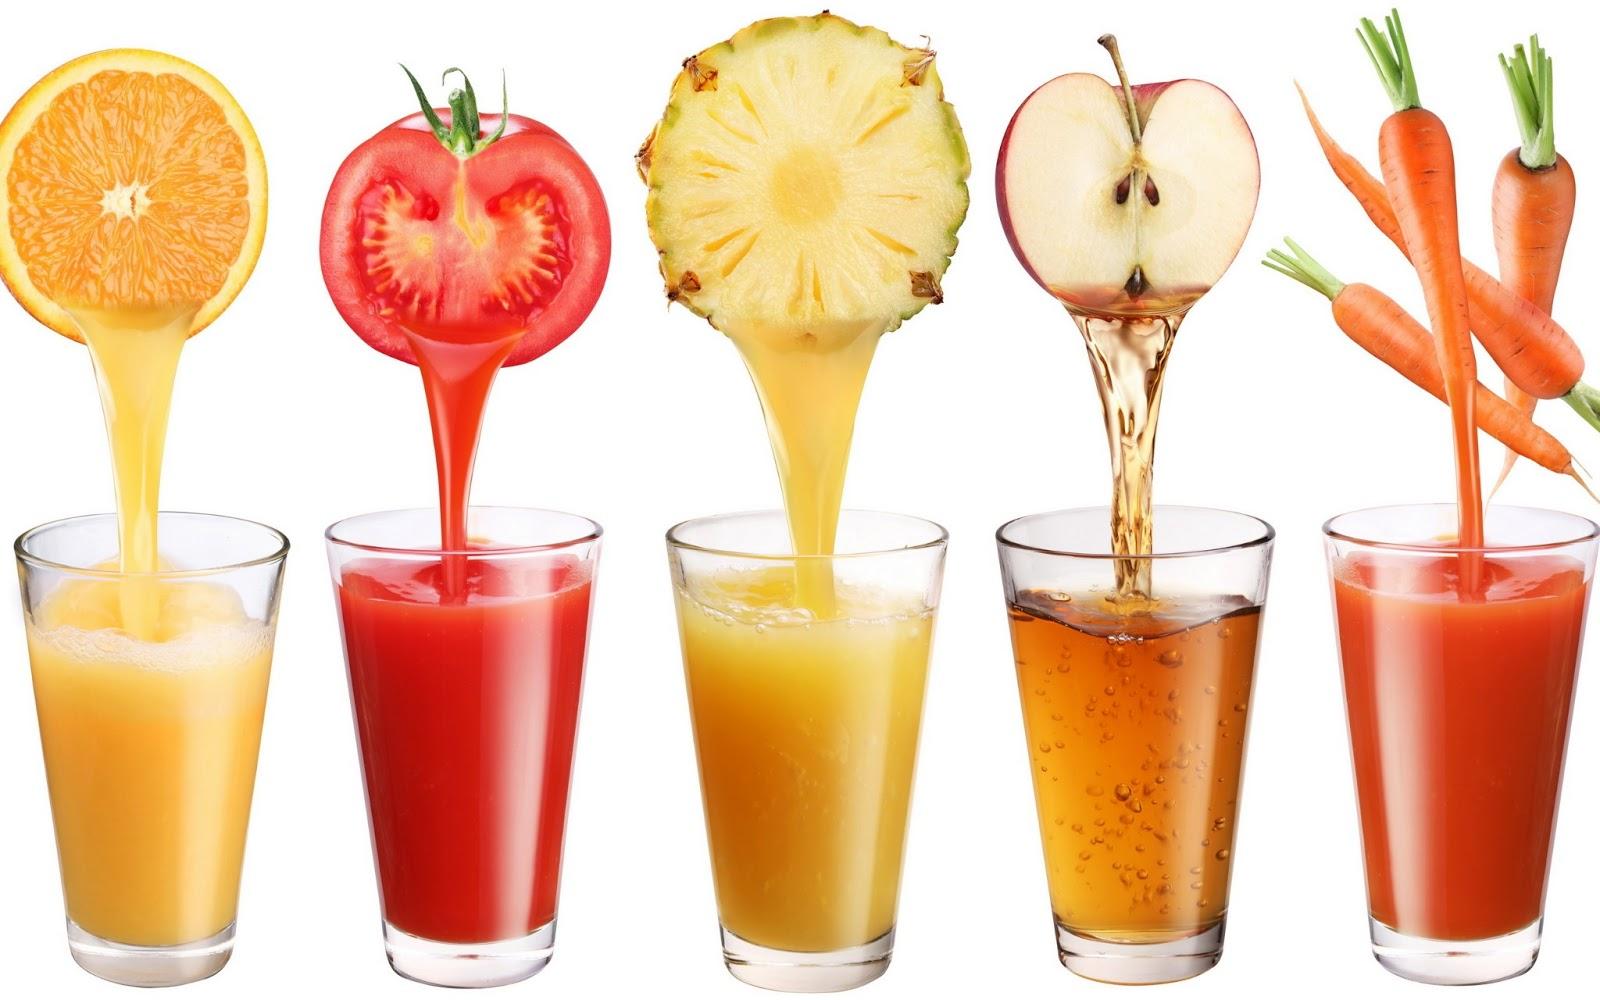 Uống sinh tố hay nước ép trái cây tốt hơn? | Hệ thống hoa quả sạch nhập  khẩu Fuji